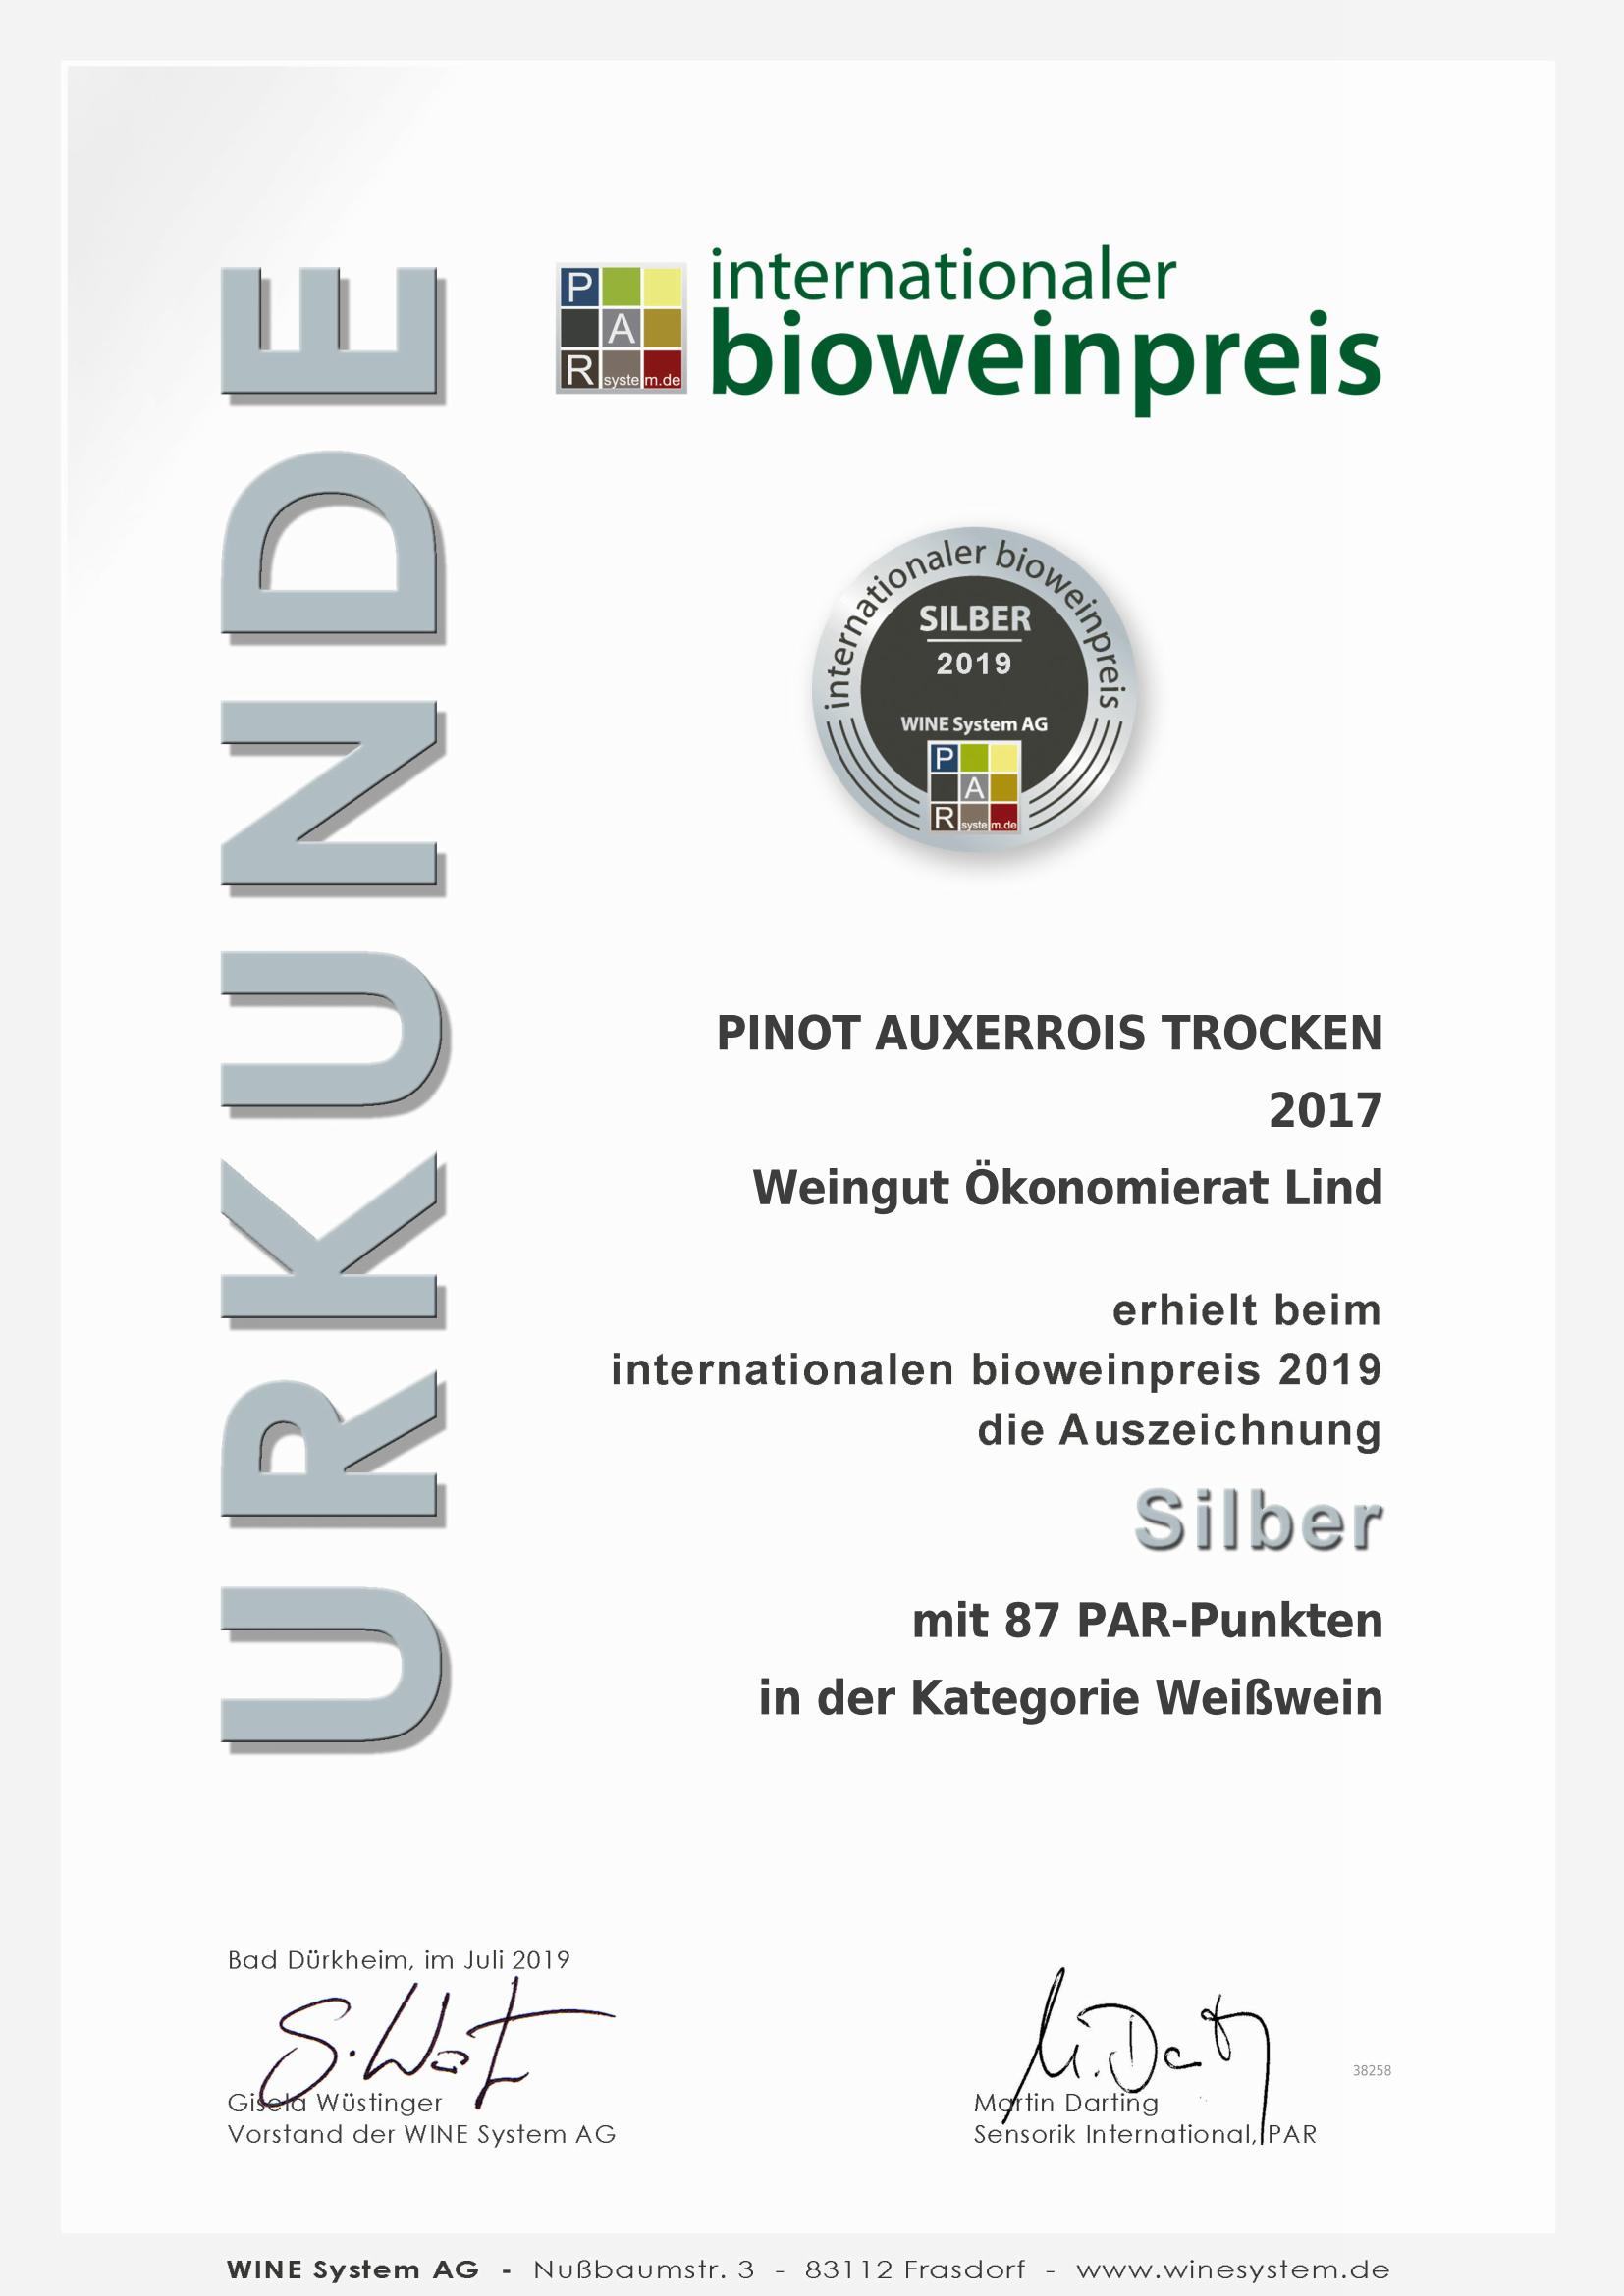 Internationaler Bioweinpreis Pinot Auxerrois 2017 - Silber